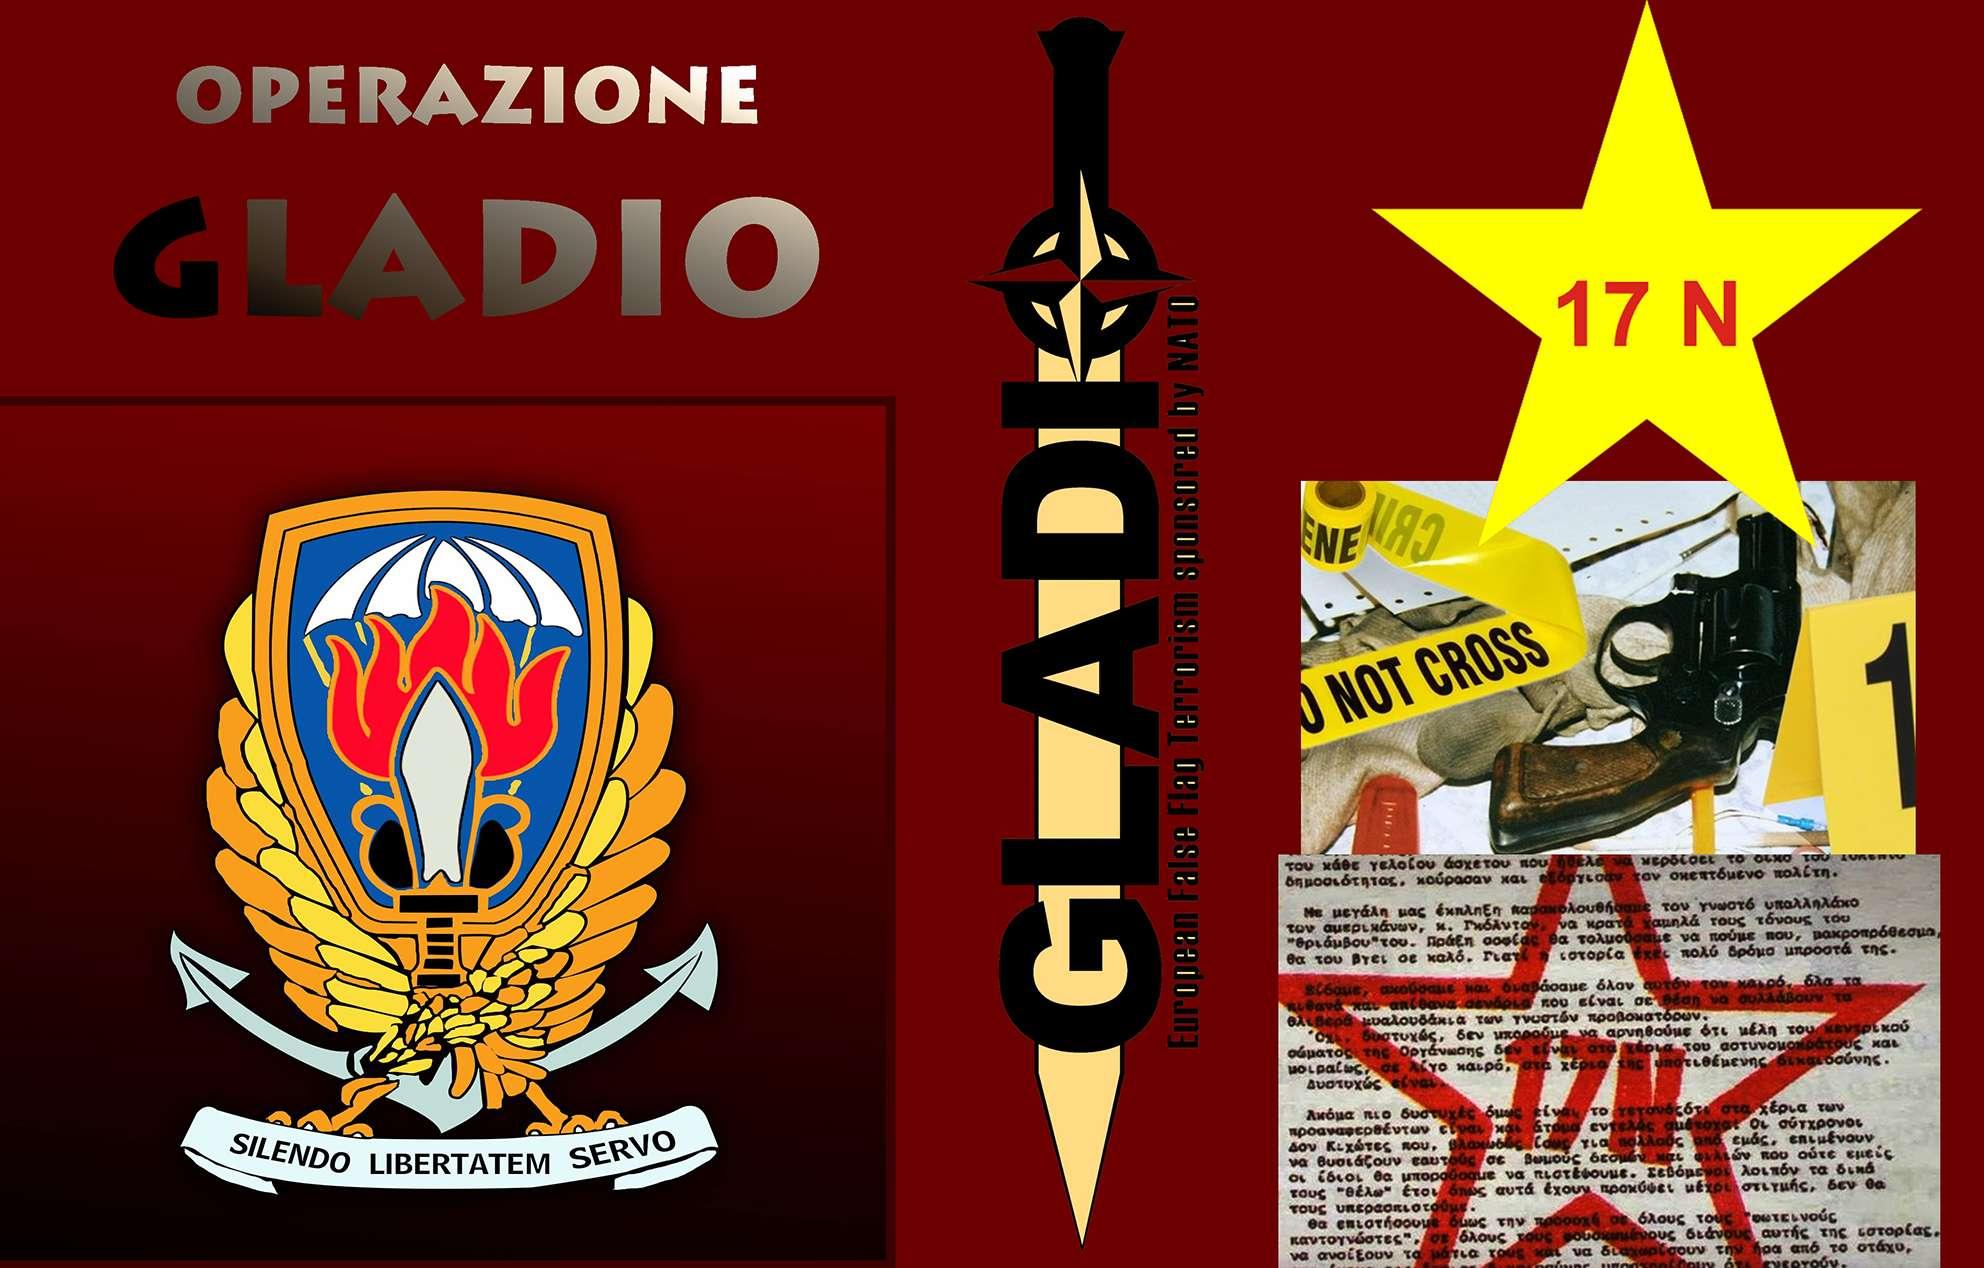 Operazione Gladio 17N Κόκκινη προβιά